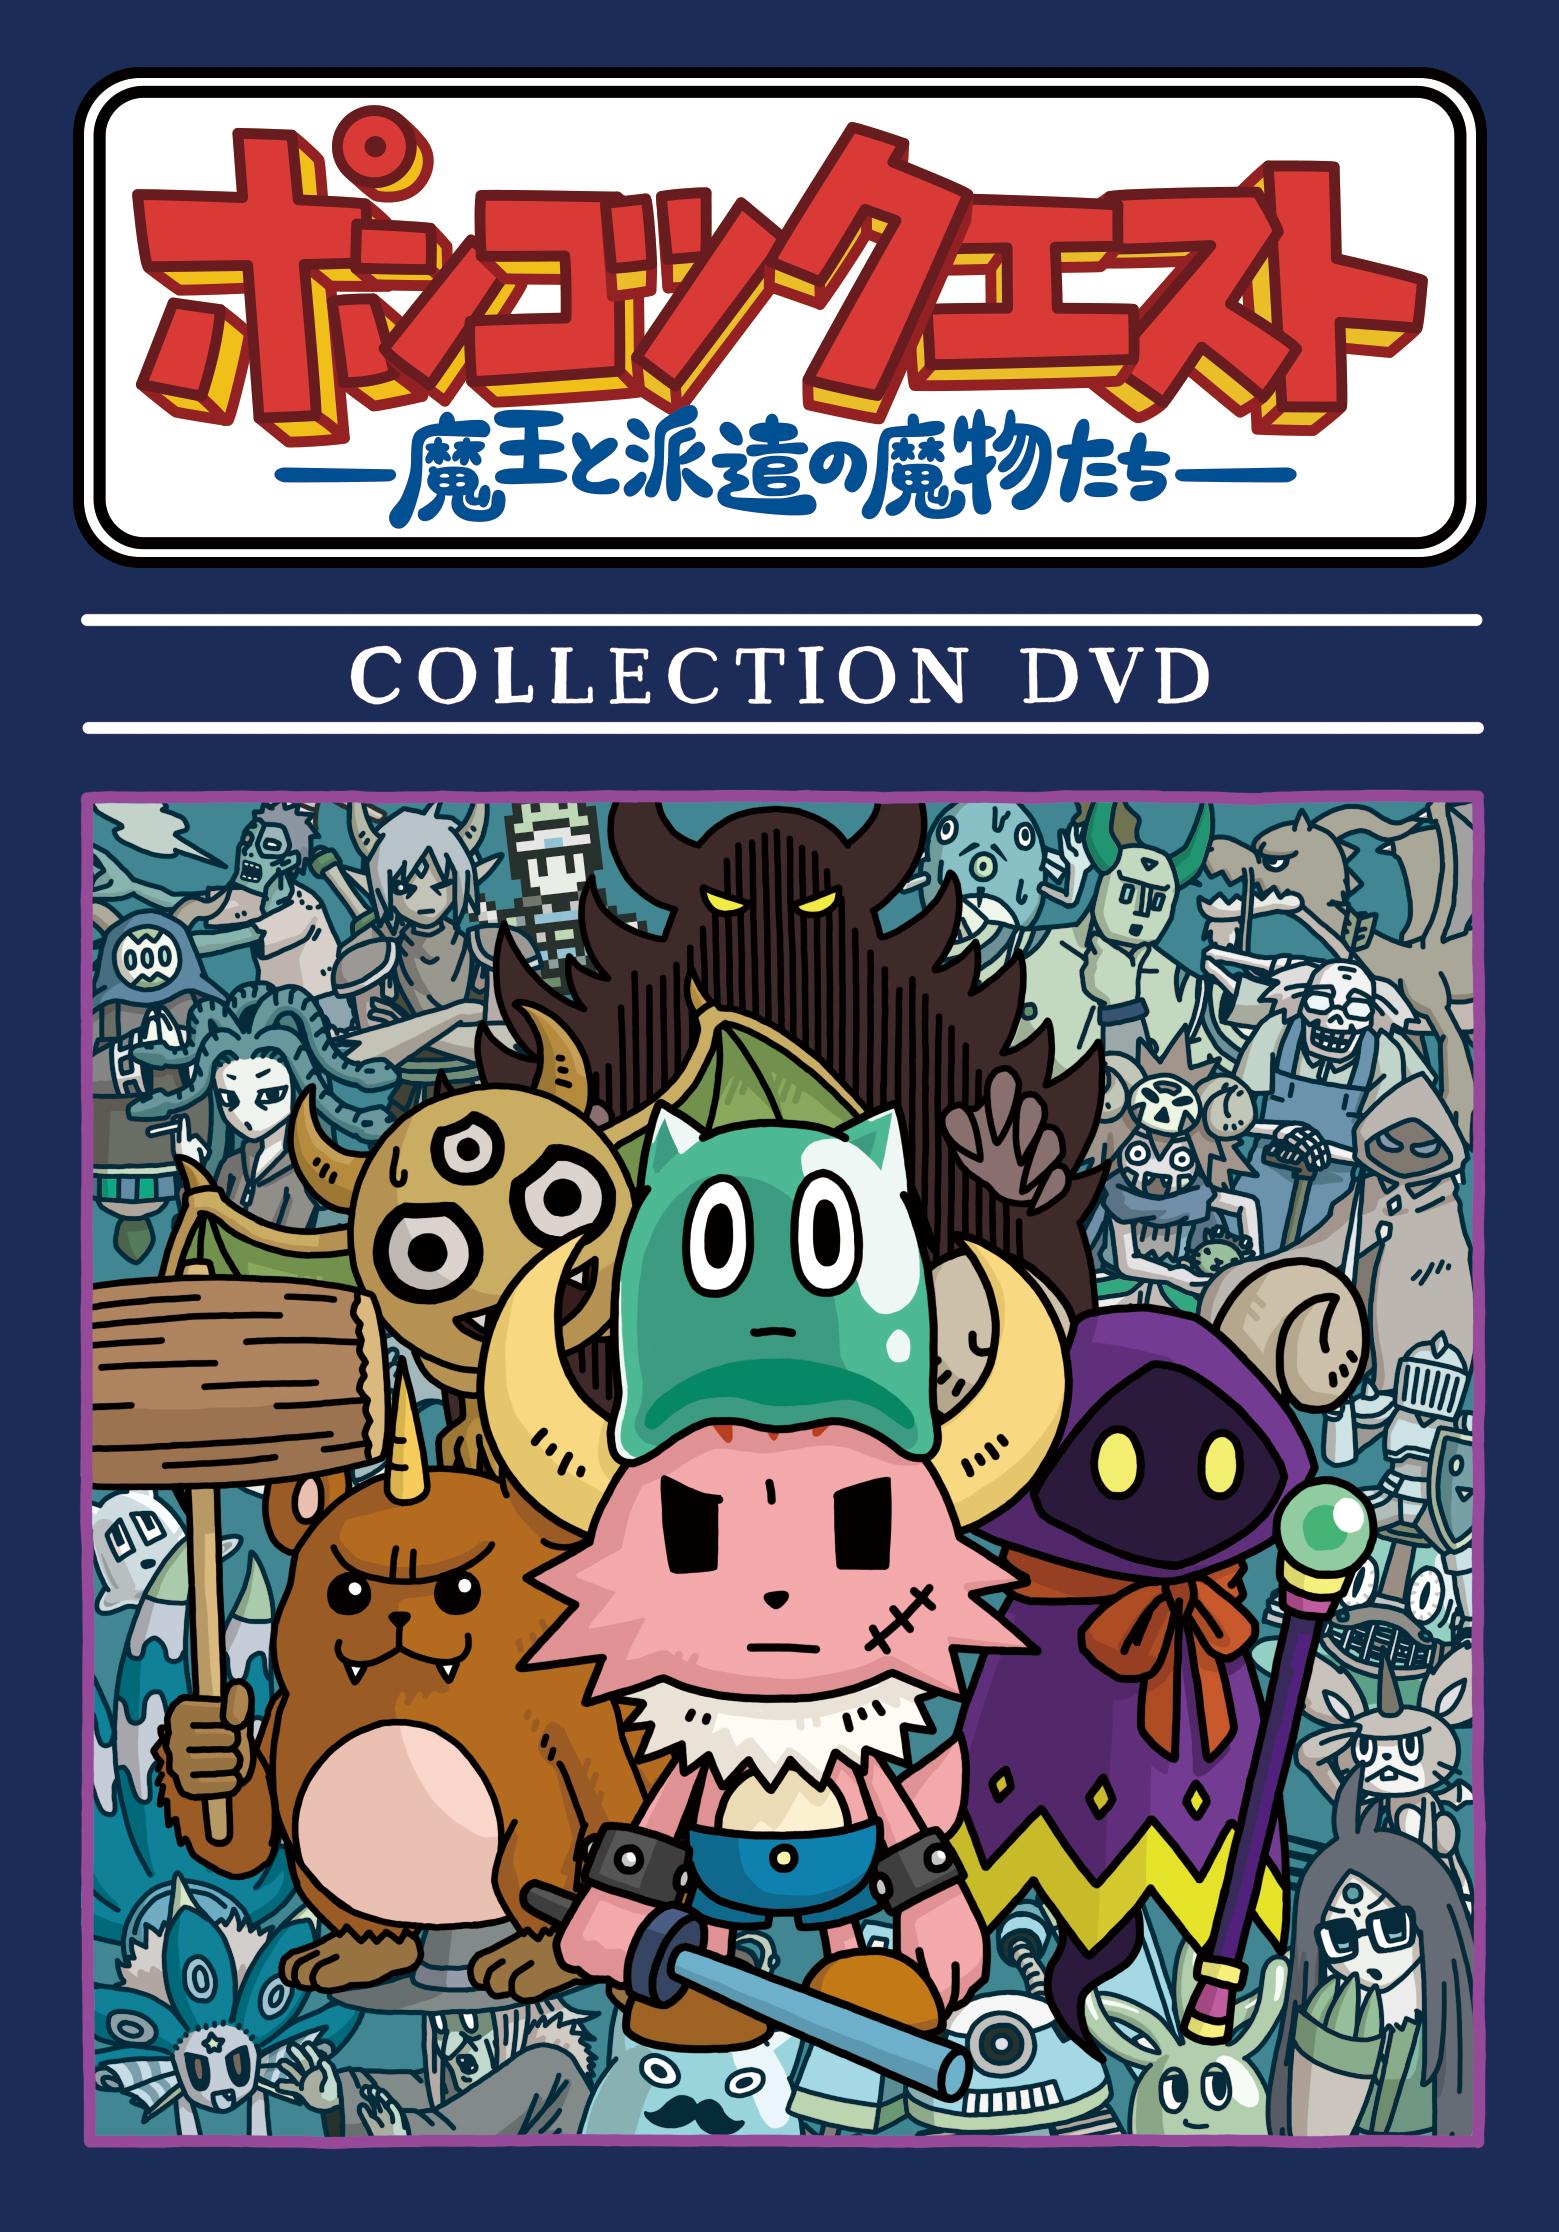 『ポンコツクエスト~魔王と派遣の魔物たち~』初のDVD『COLLECTION DVD』ジャケット (C)VAP